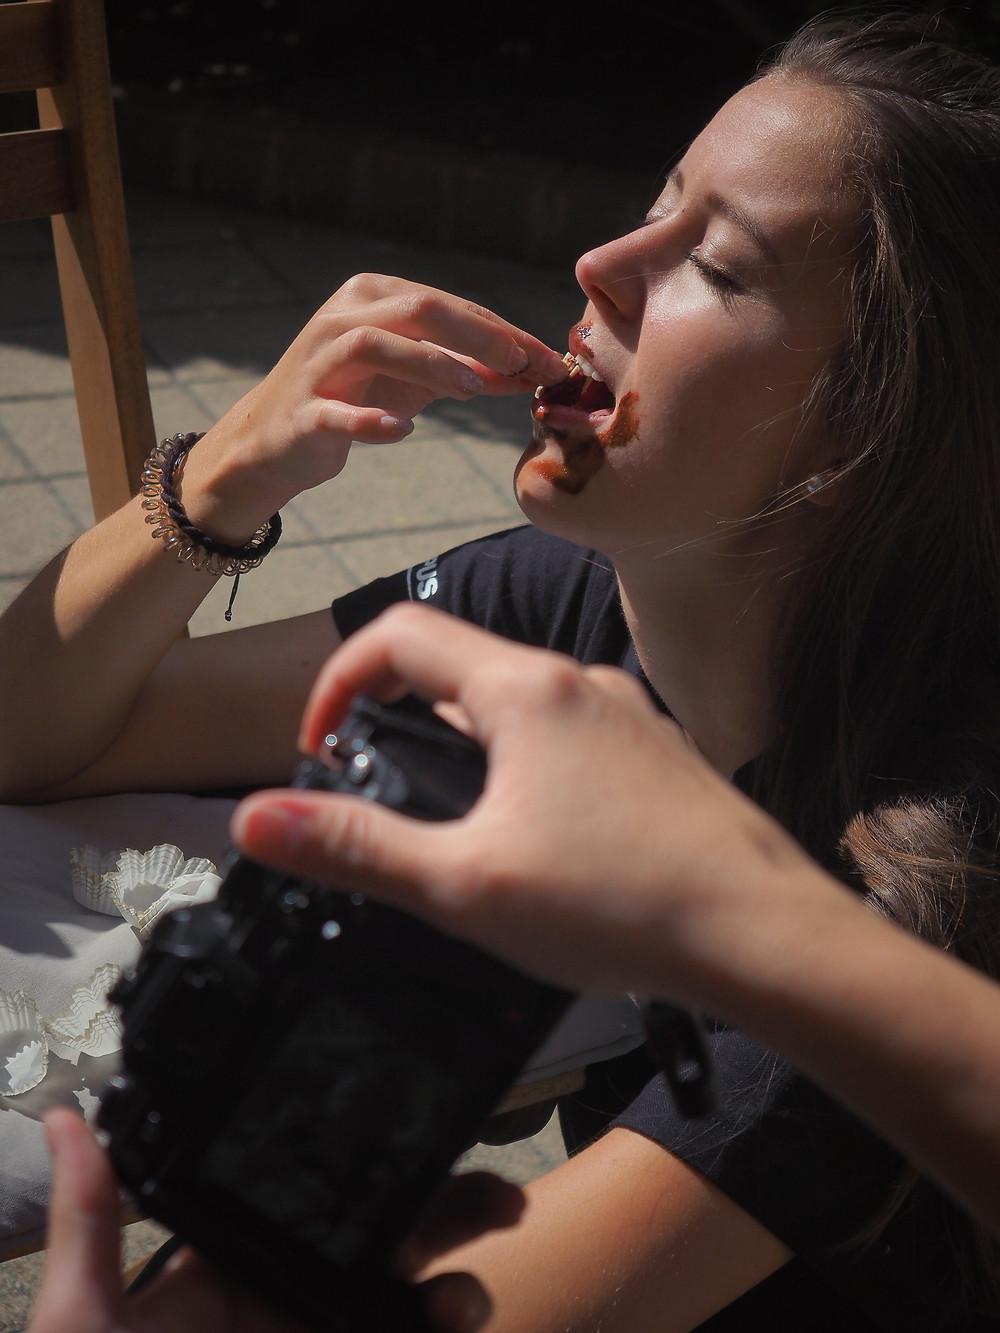 Amelita épp Vikót fotózza, aki épp bonbont eszik • Saját fotó